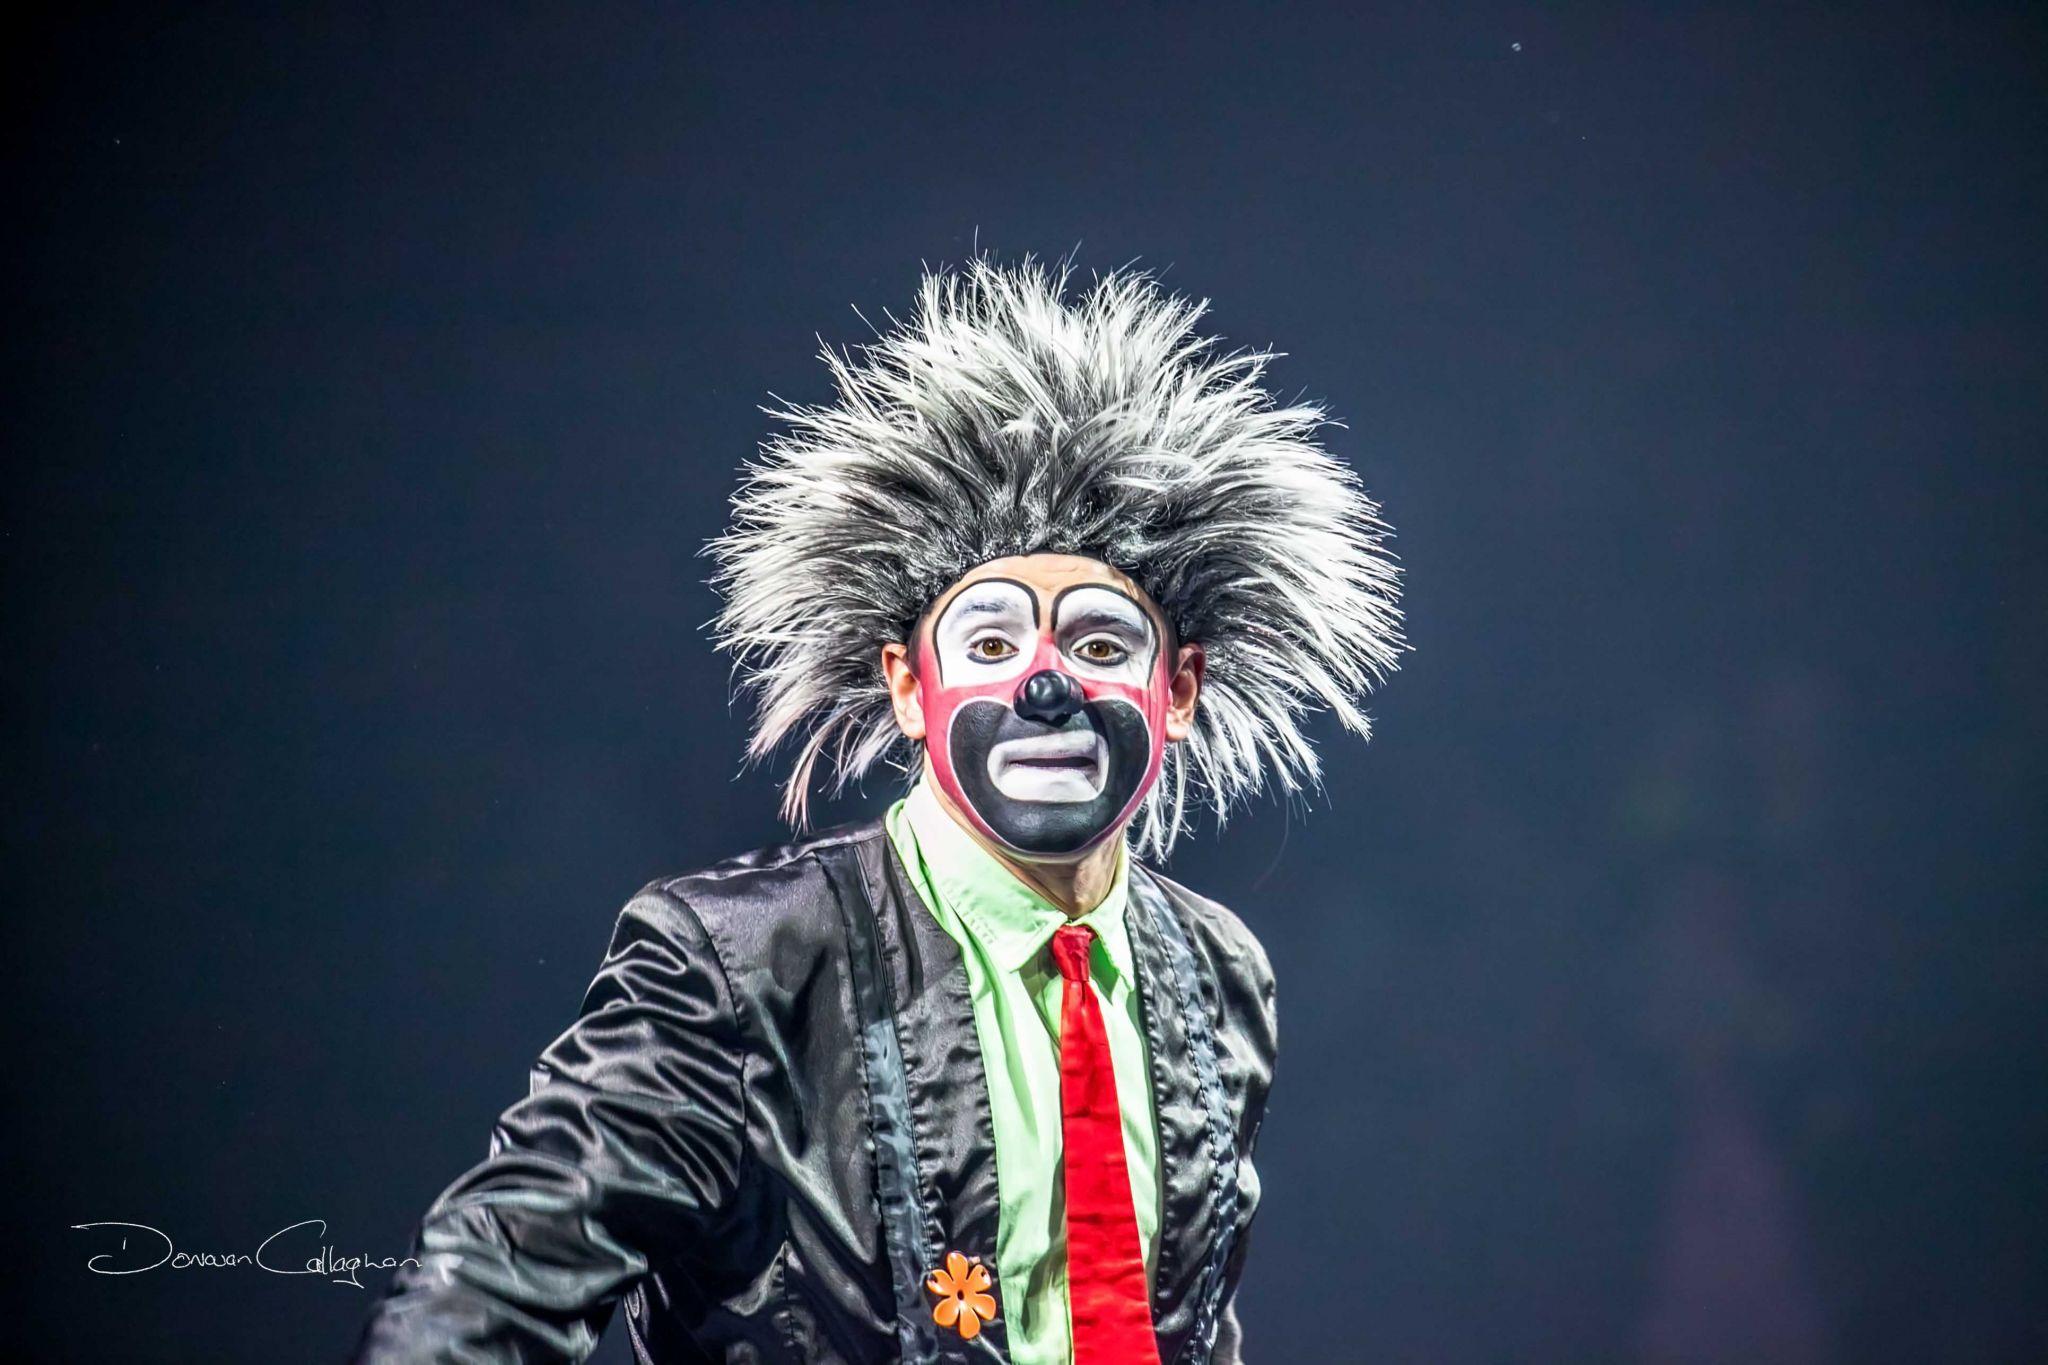 Guangzhou Circus Clown, China